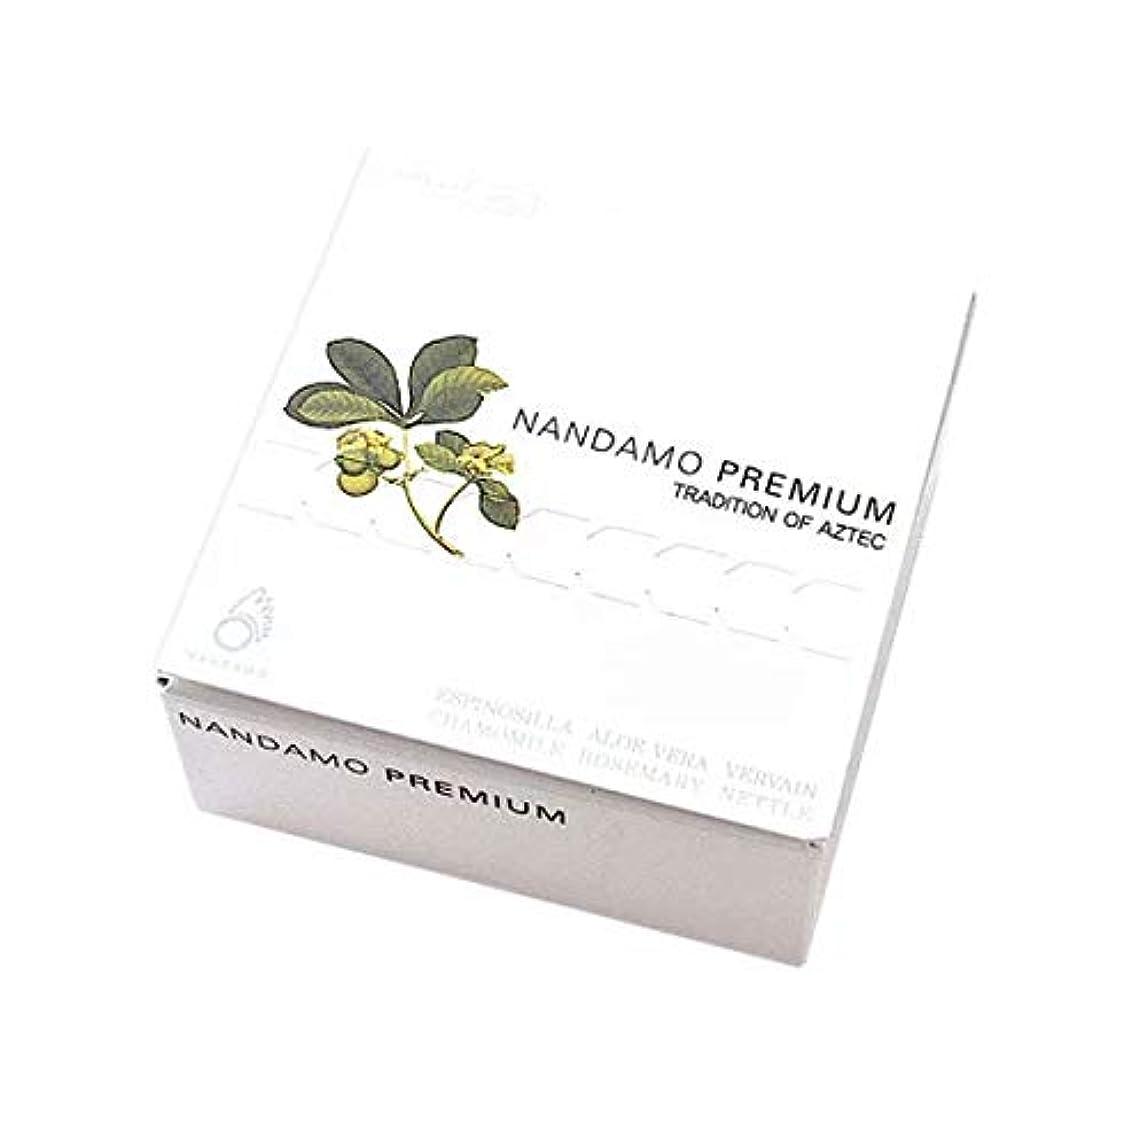 髄太陽ボタンNANDAMO PREMIUM ナンダモプレミアム 天然ハーブ100%石鹸 お得セット 6箱セット + 1箱プレゼント